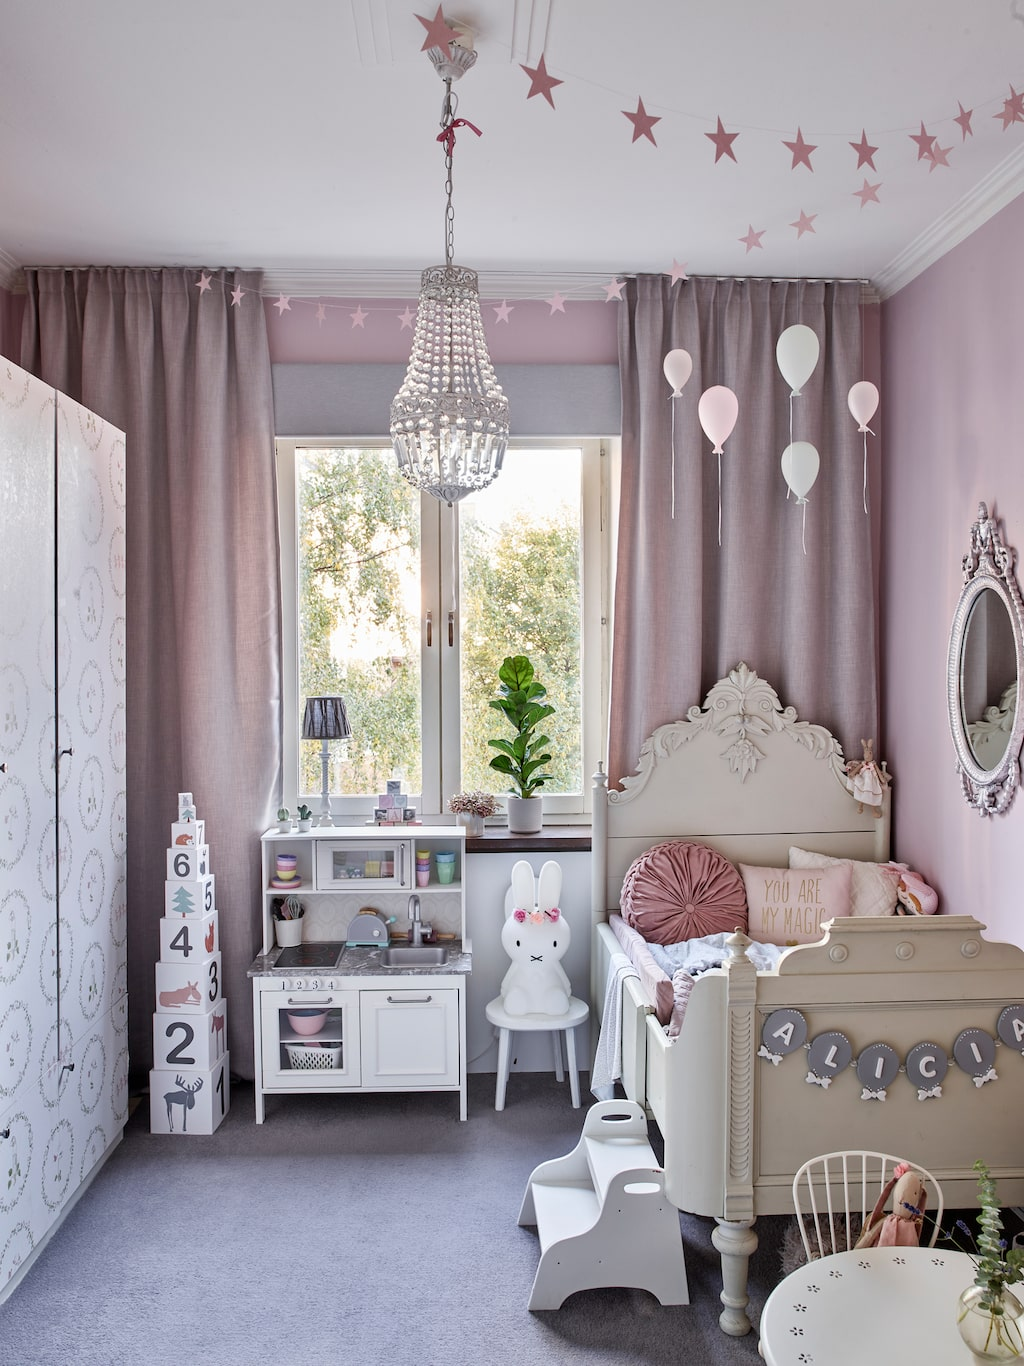 Alicias rum är en prinsessdröm i rosa. Hon har fått garderobsluckor i sin egen höjd i sitt rum. Linnea och Carsten köpte extra dörrar till garderoberna i Alicias rum och höjde upp de befintliga. Sedan sågade de till nya dörrar så att de blev som små luckor. På så vis behöver Alicia bara öppna de små dörrarna för att nå sina leksaker. Uppiffat lekkök, Ikea. Mörkläggande gardiner, Ohlssons tyger. Säng och spegel från Blocket. Glasballonger från Finebyme.nu. Garderober, Dombås, Ikea.  Garderoberna är tapetserade med tapeten Pyrola, Boråstapeter.